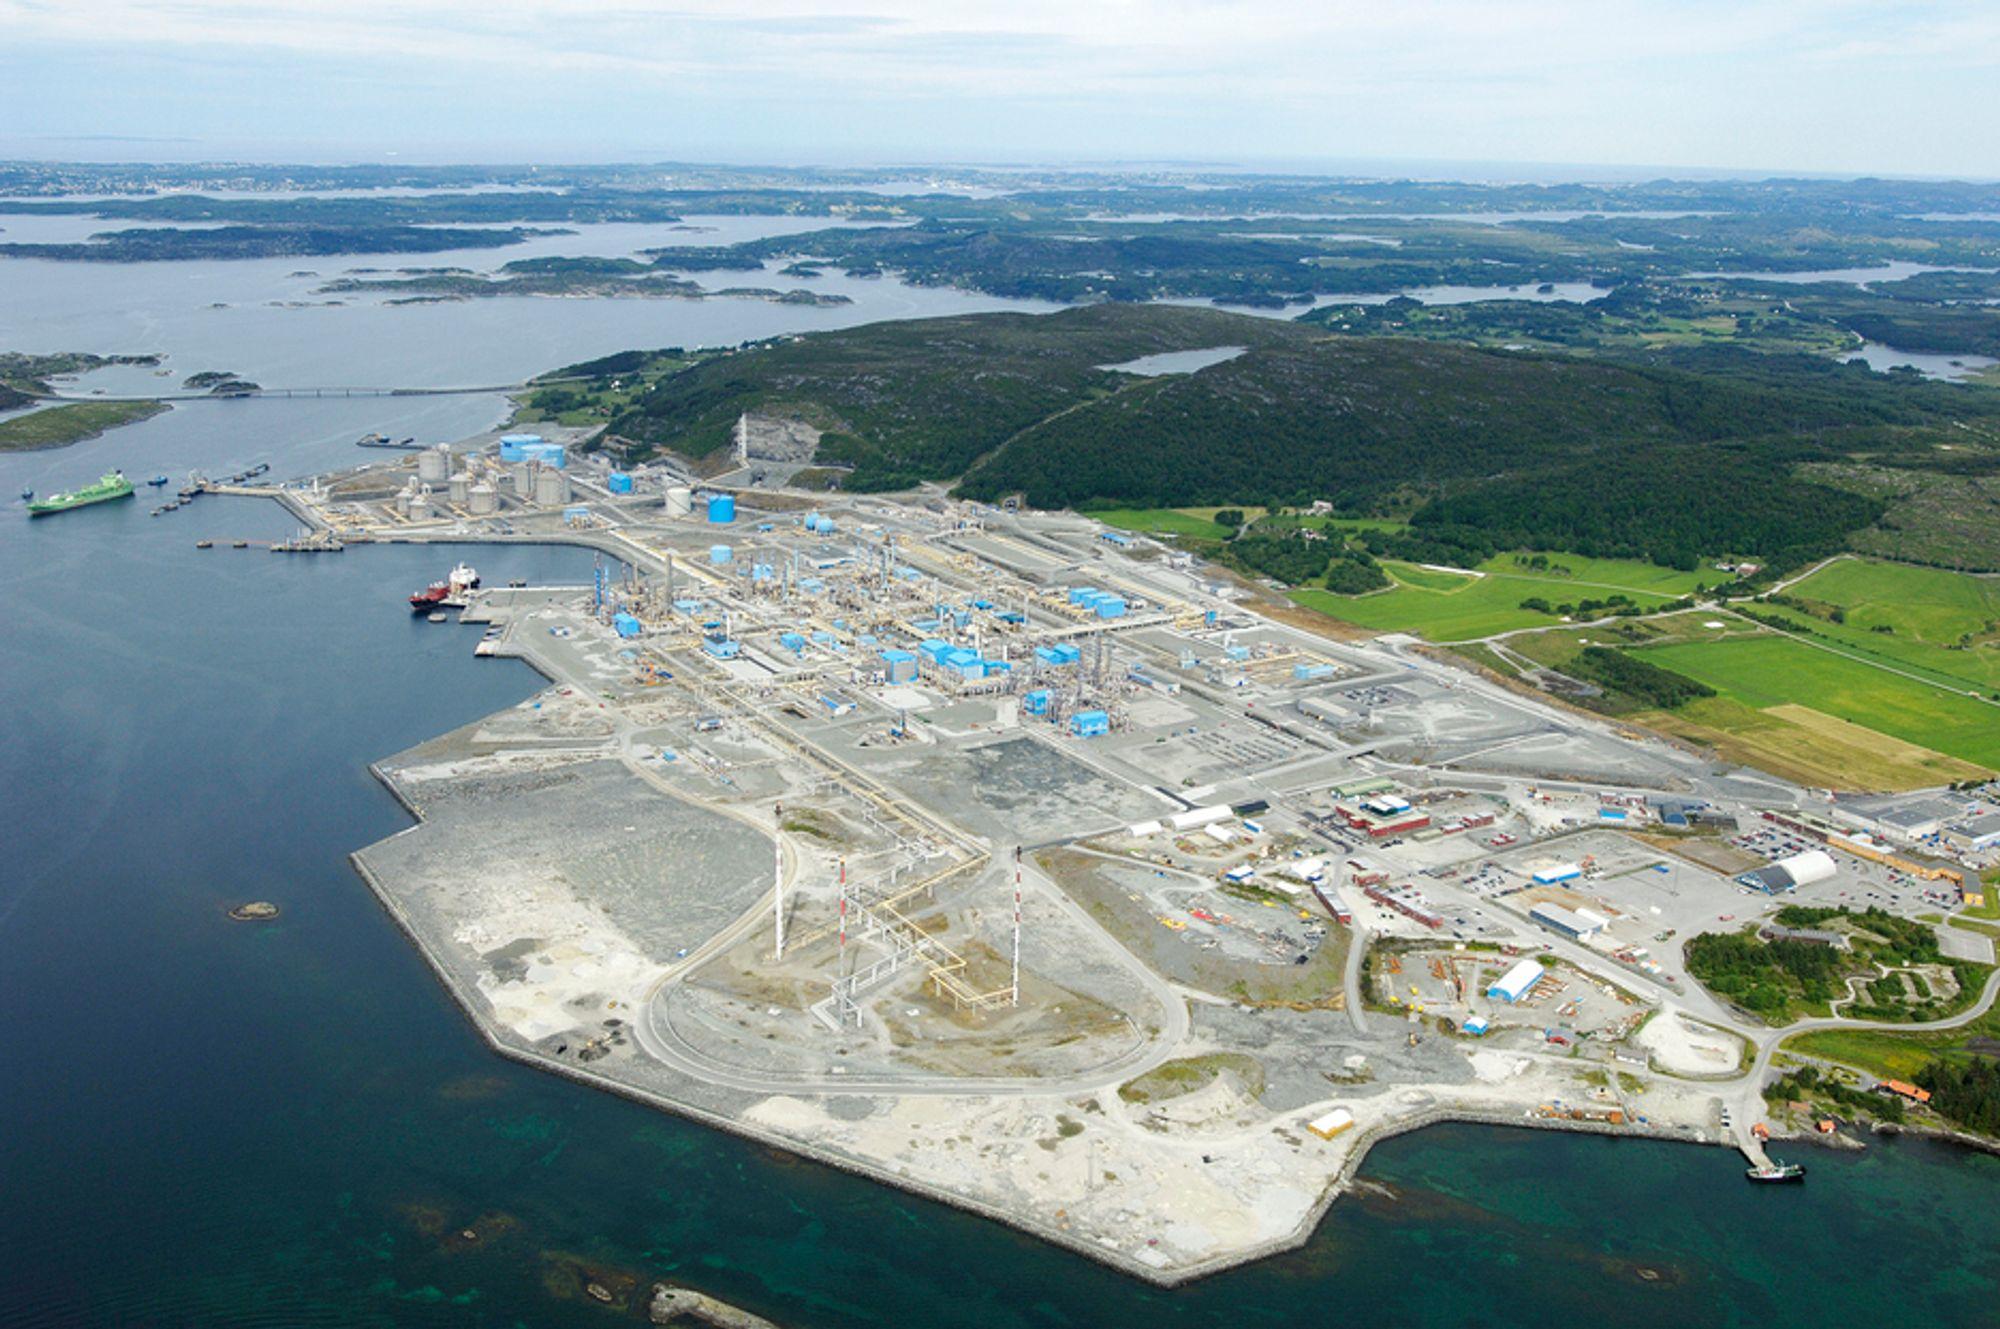 """STORE AREALER: Kårstøanlegget blir småtteri, sammenliknet med arealet som kreves for å rense CPO"""" med alger. Hele 6500 hektar, like mye som Tronheim by, kreves for å rense CO2 fra kraftverket som er under bygging på det litt mørkere arealet midt i bildet."""